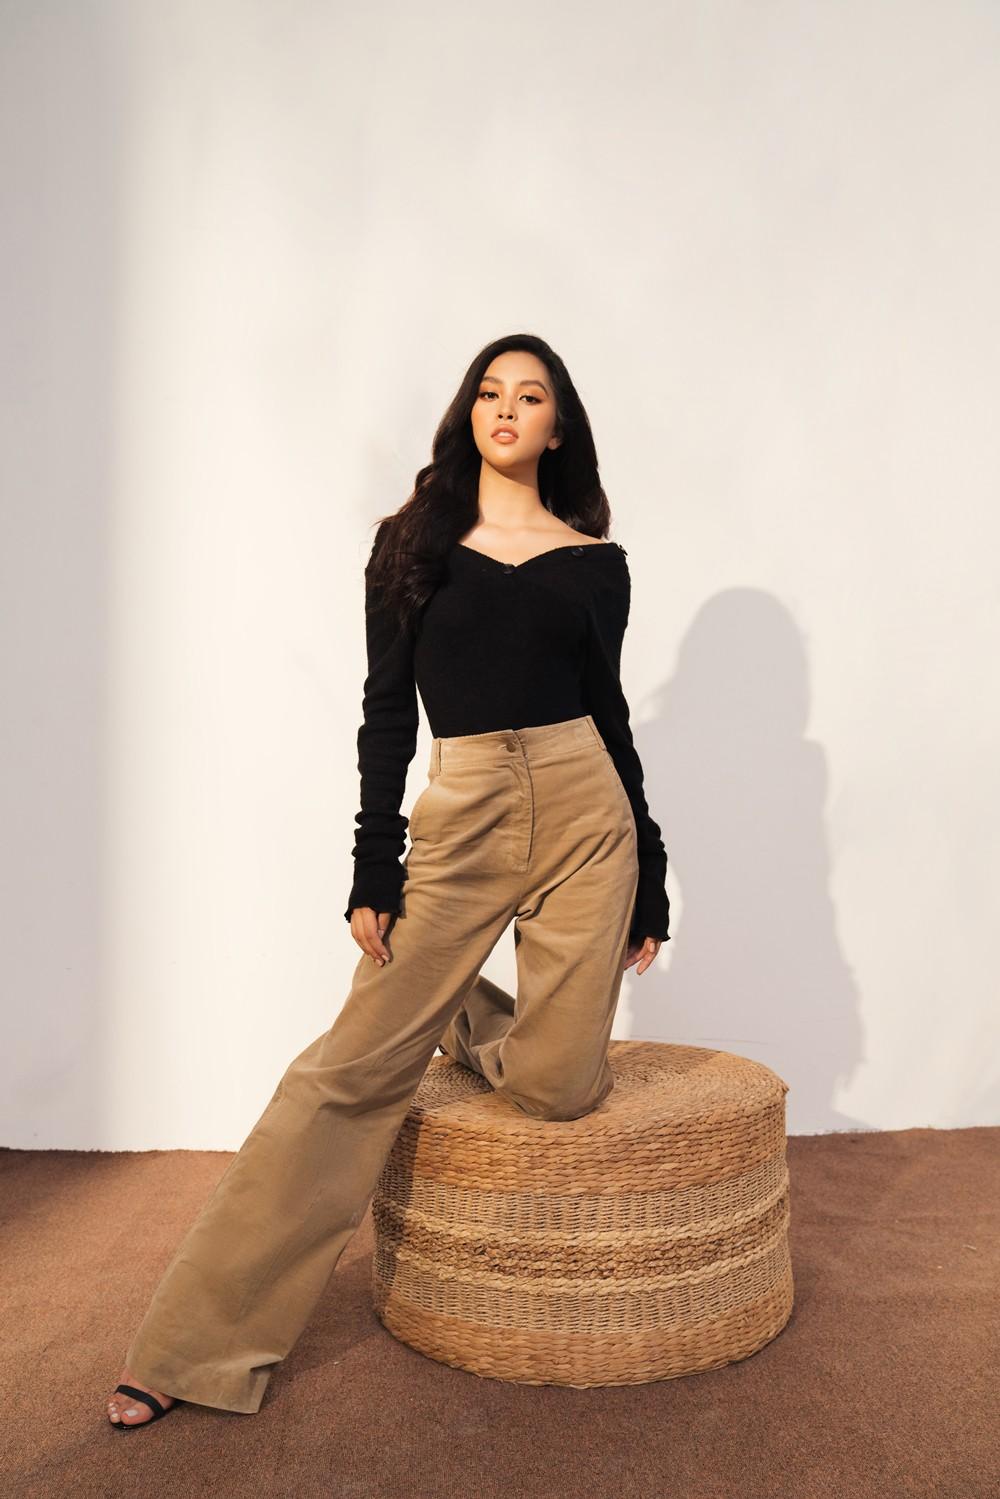 Đương kim Hoa hậu Trần Tiểu Vy thường được khán giả ưu ái dành cho danh xưng 'Hoa hậu đẹp nhất Việt Nam' bởi vẻ đẹp vượt mọi giới hạn ngày một thăng hạng của cô.